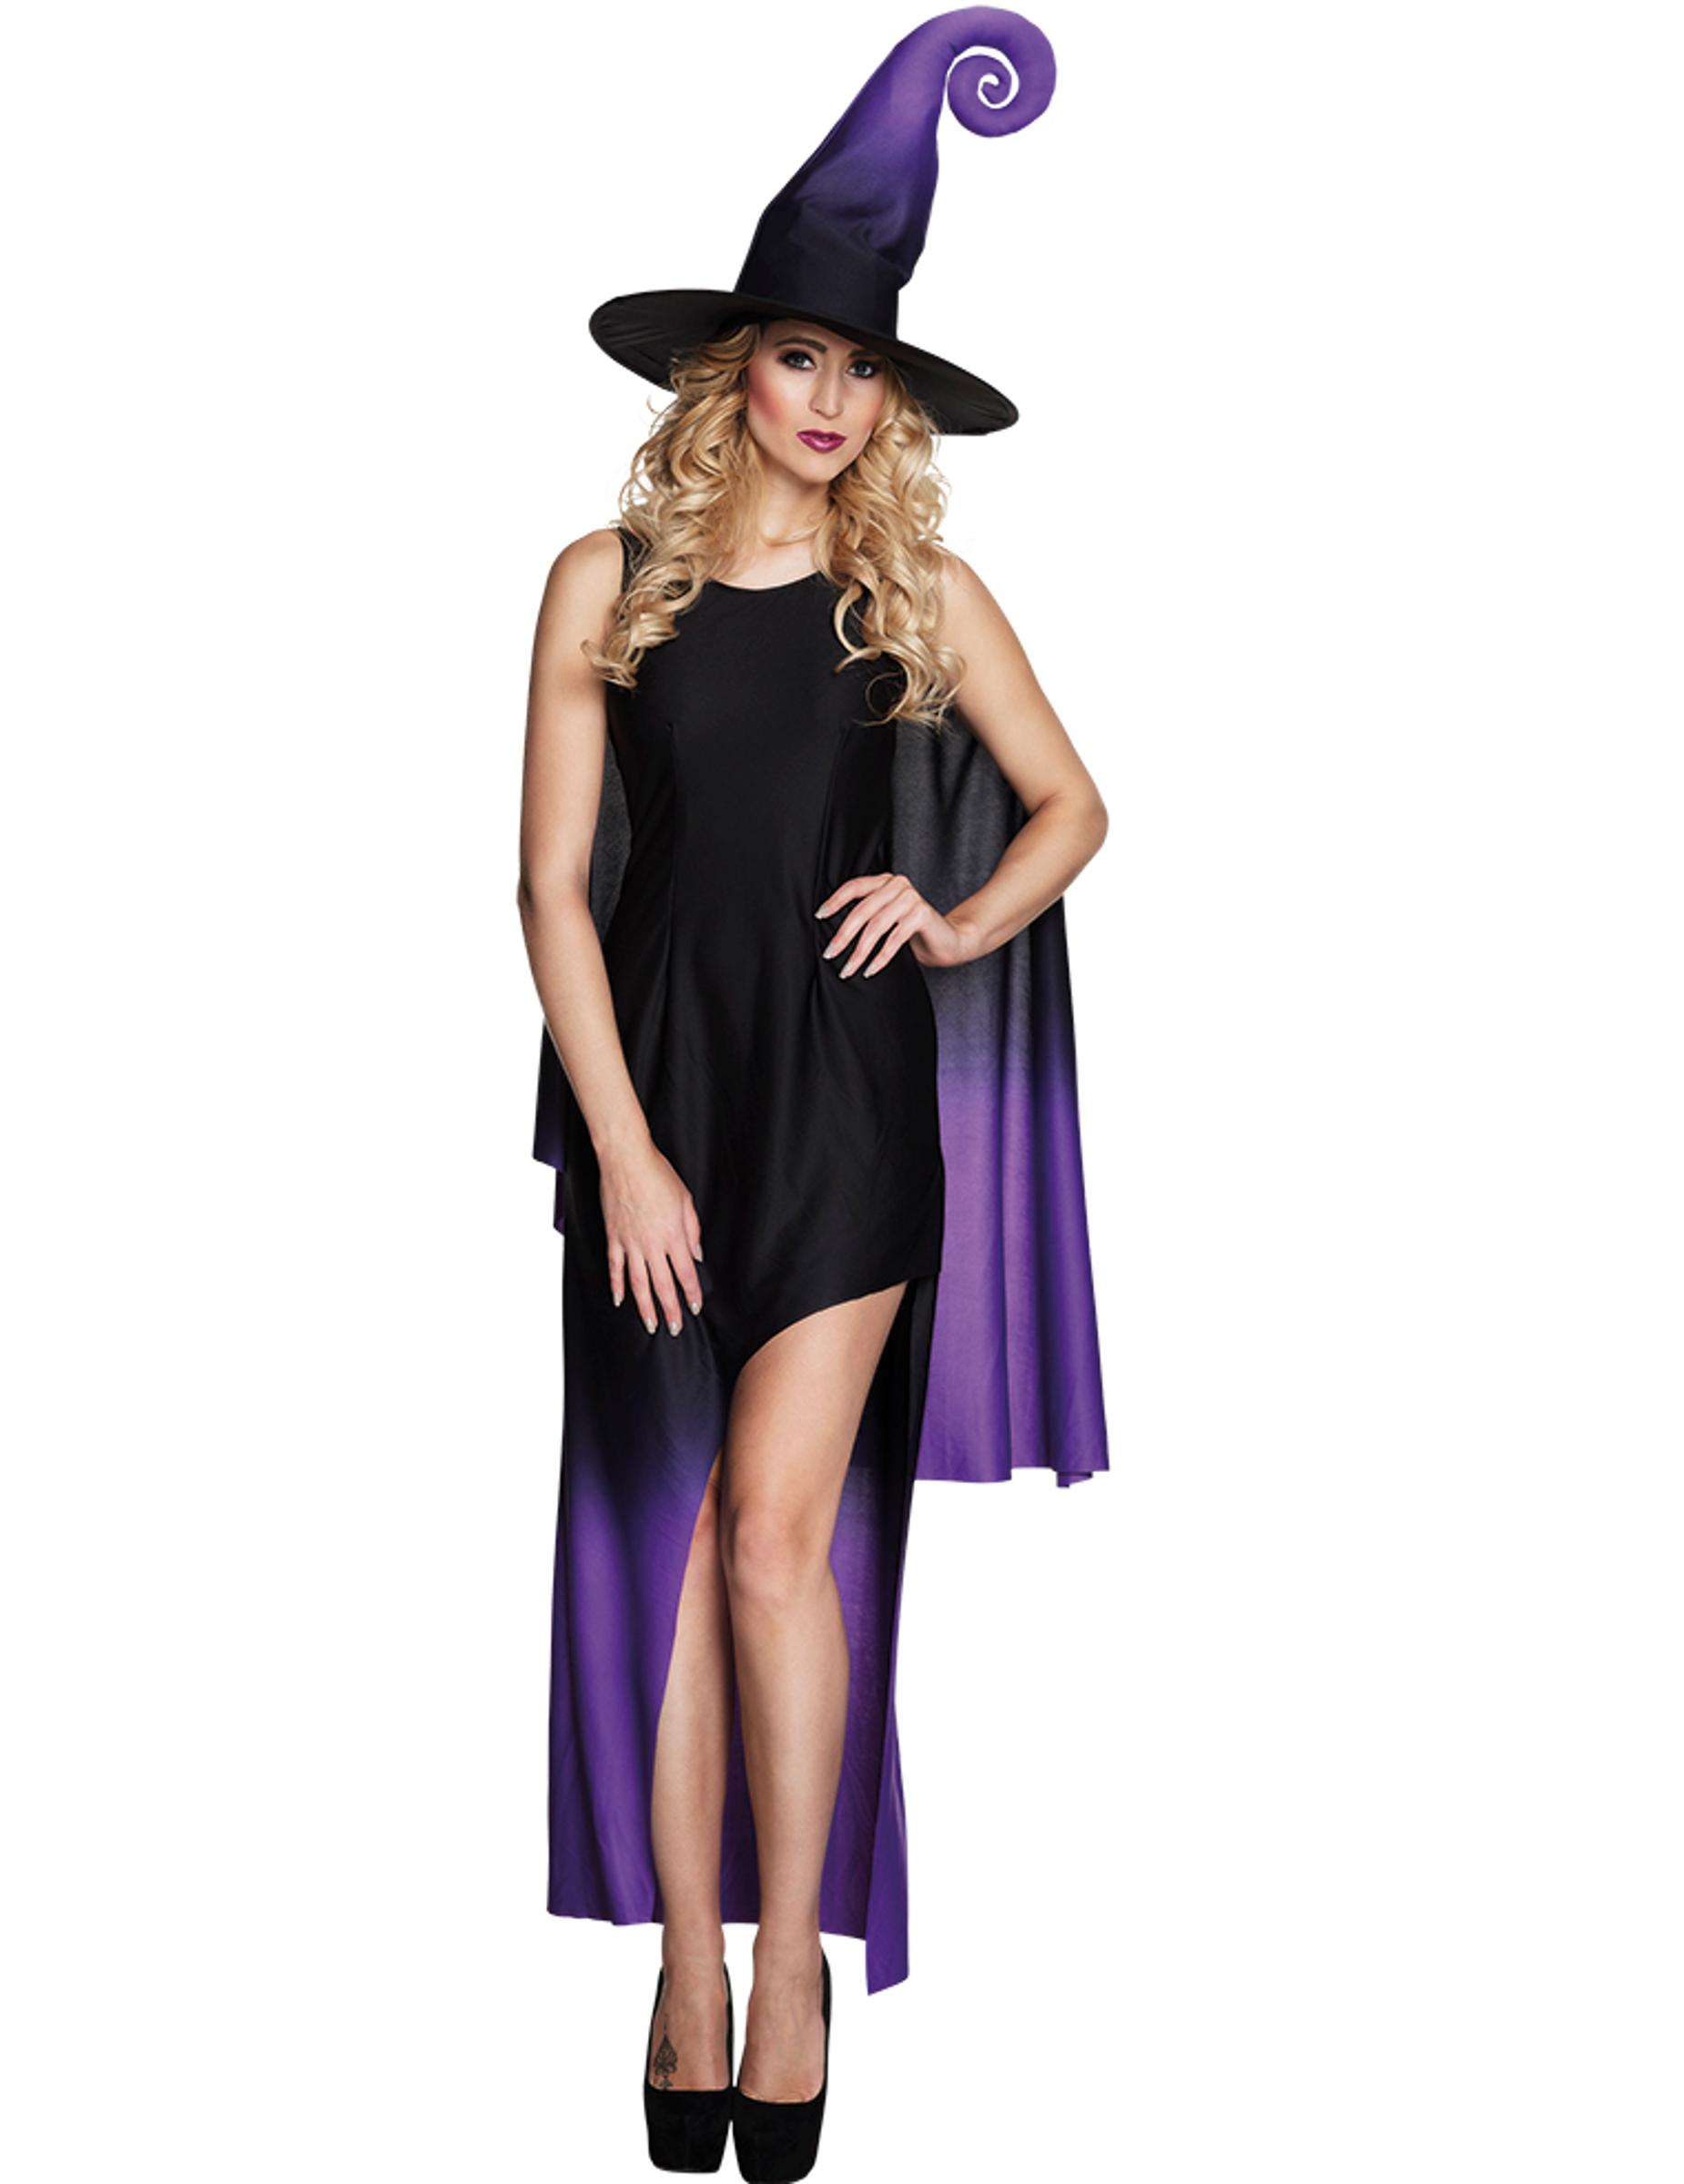 a9cf07646f3da8 Zwarte en paarse heksenjurk kostuum voor vrouwen  Volwassenen ...